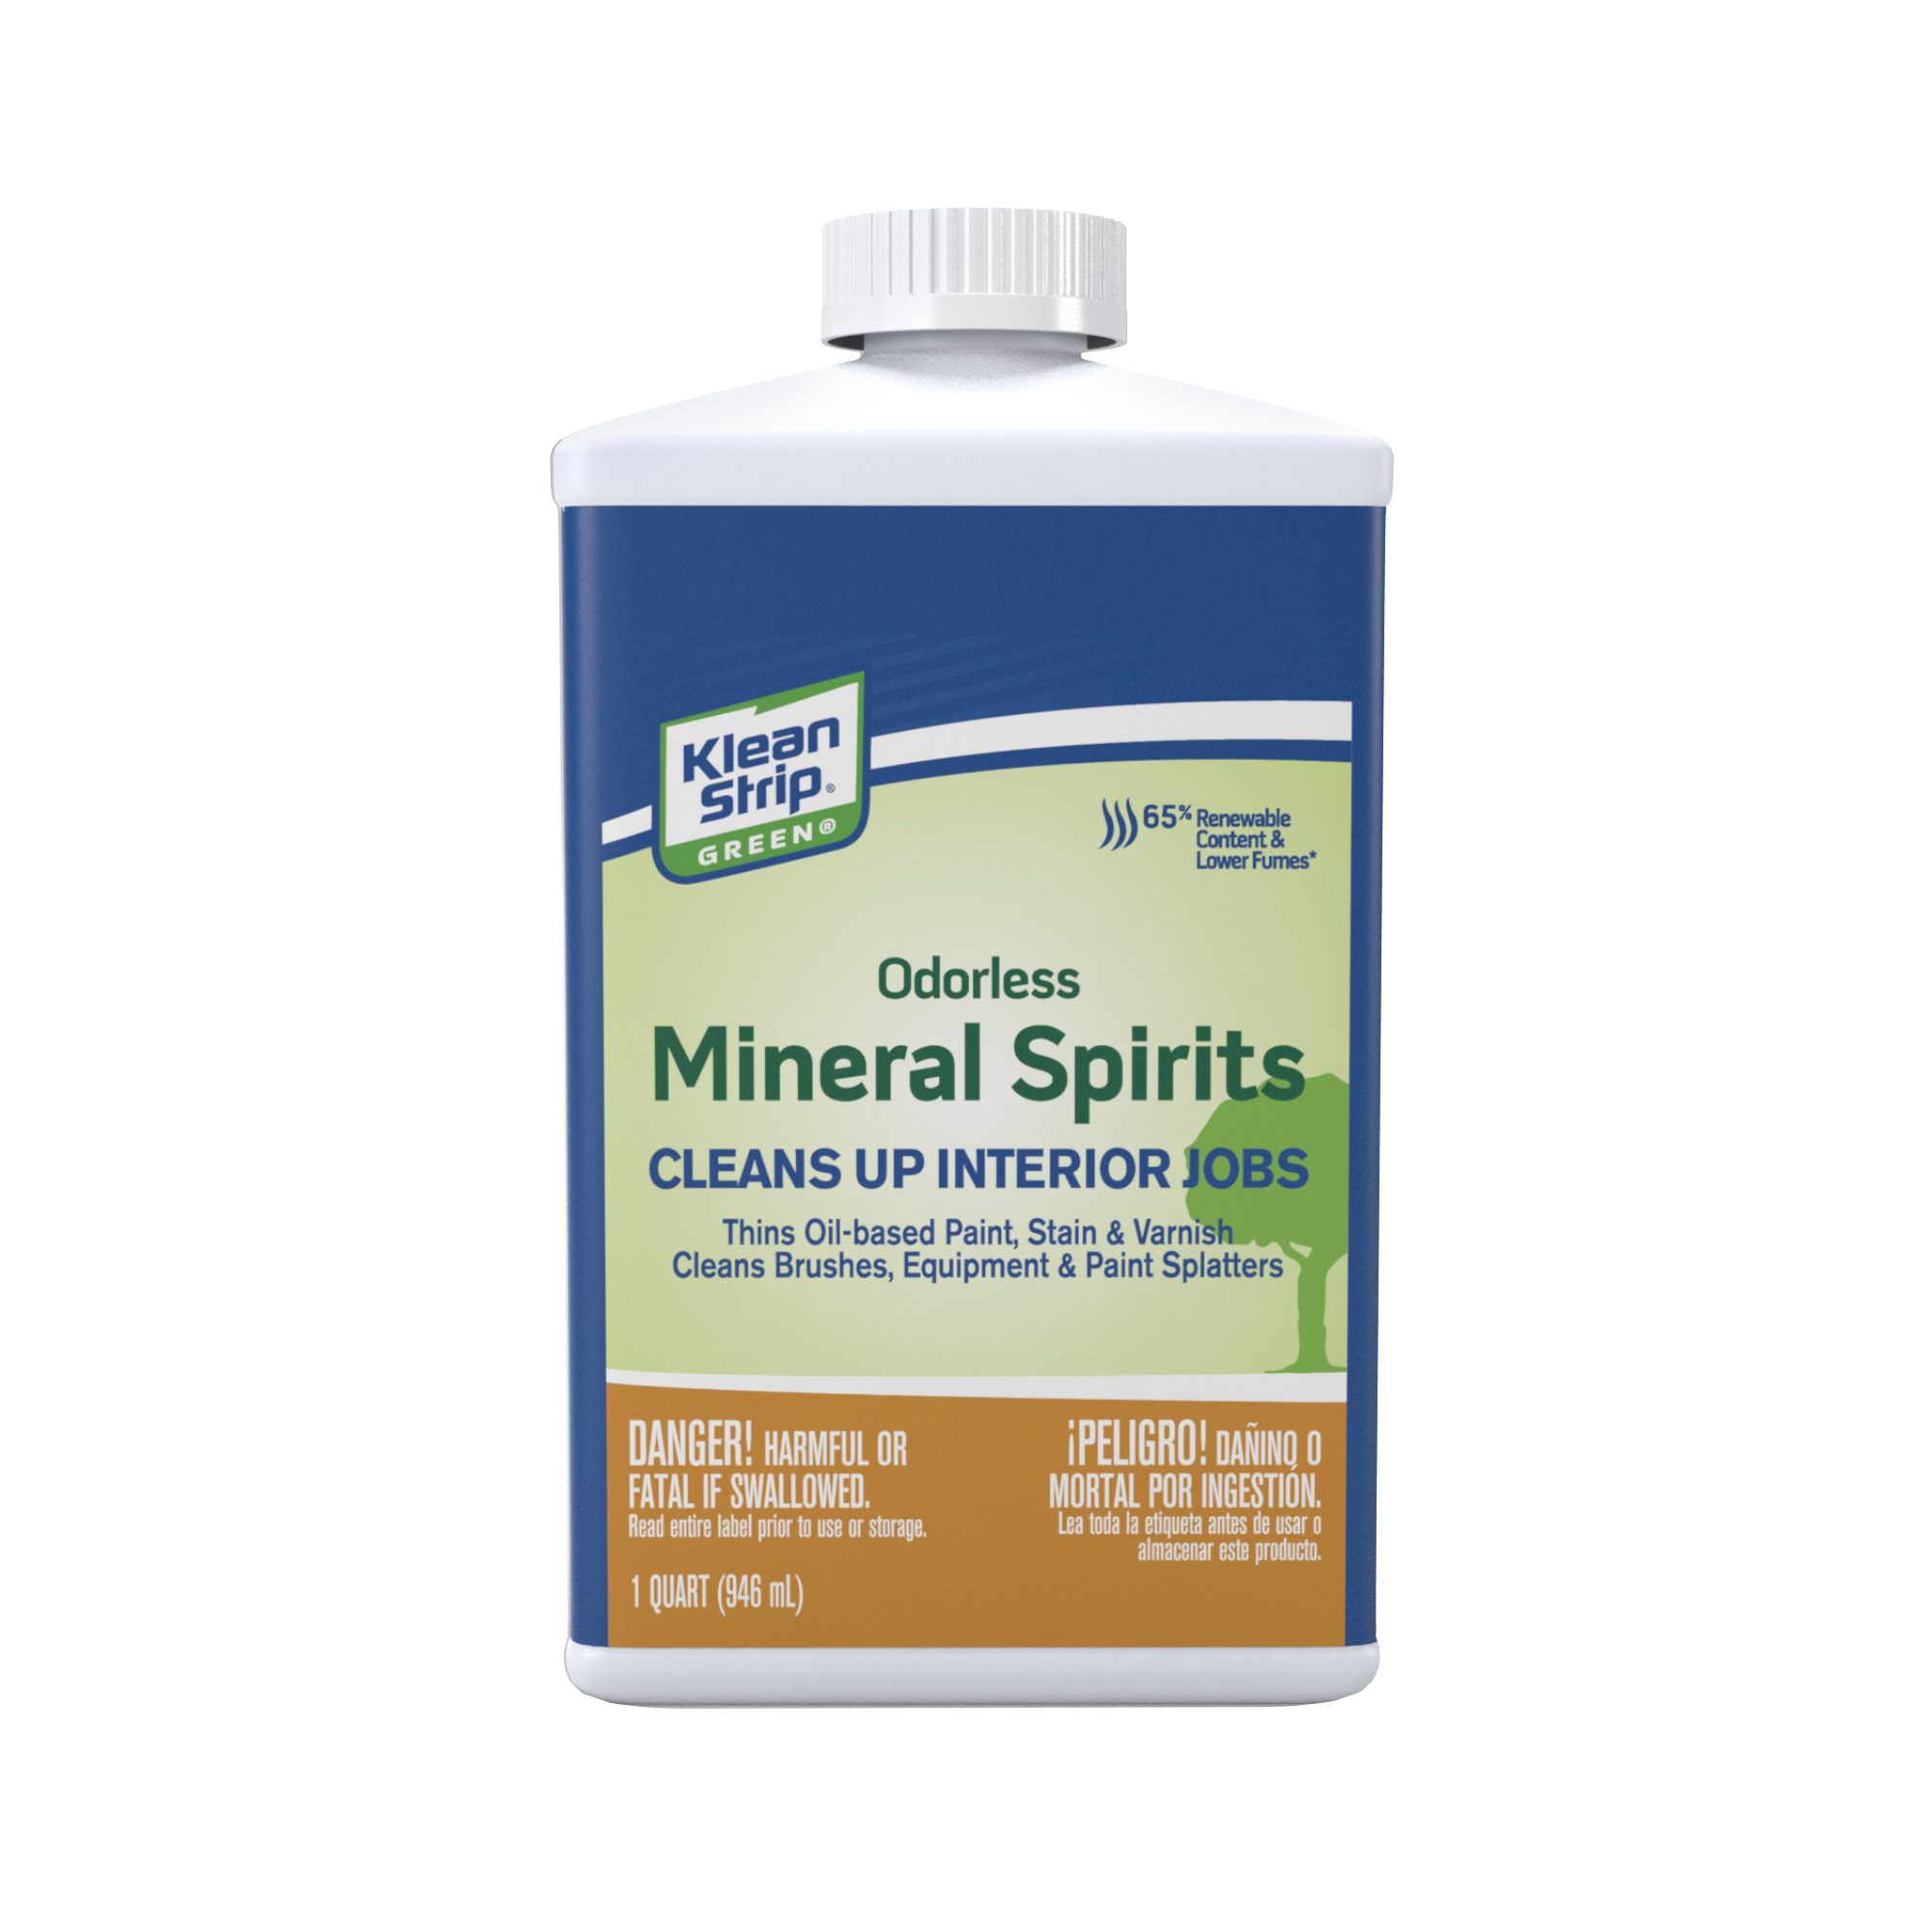 Klean-Strip® Green™ Odorless Mineral Spirits